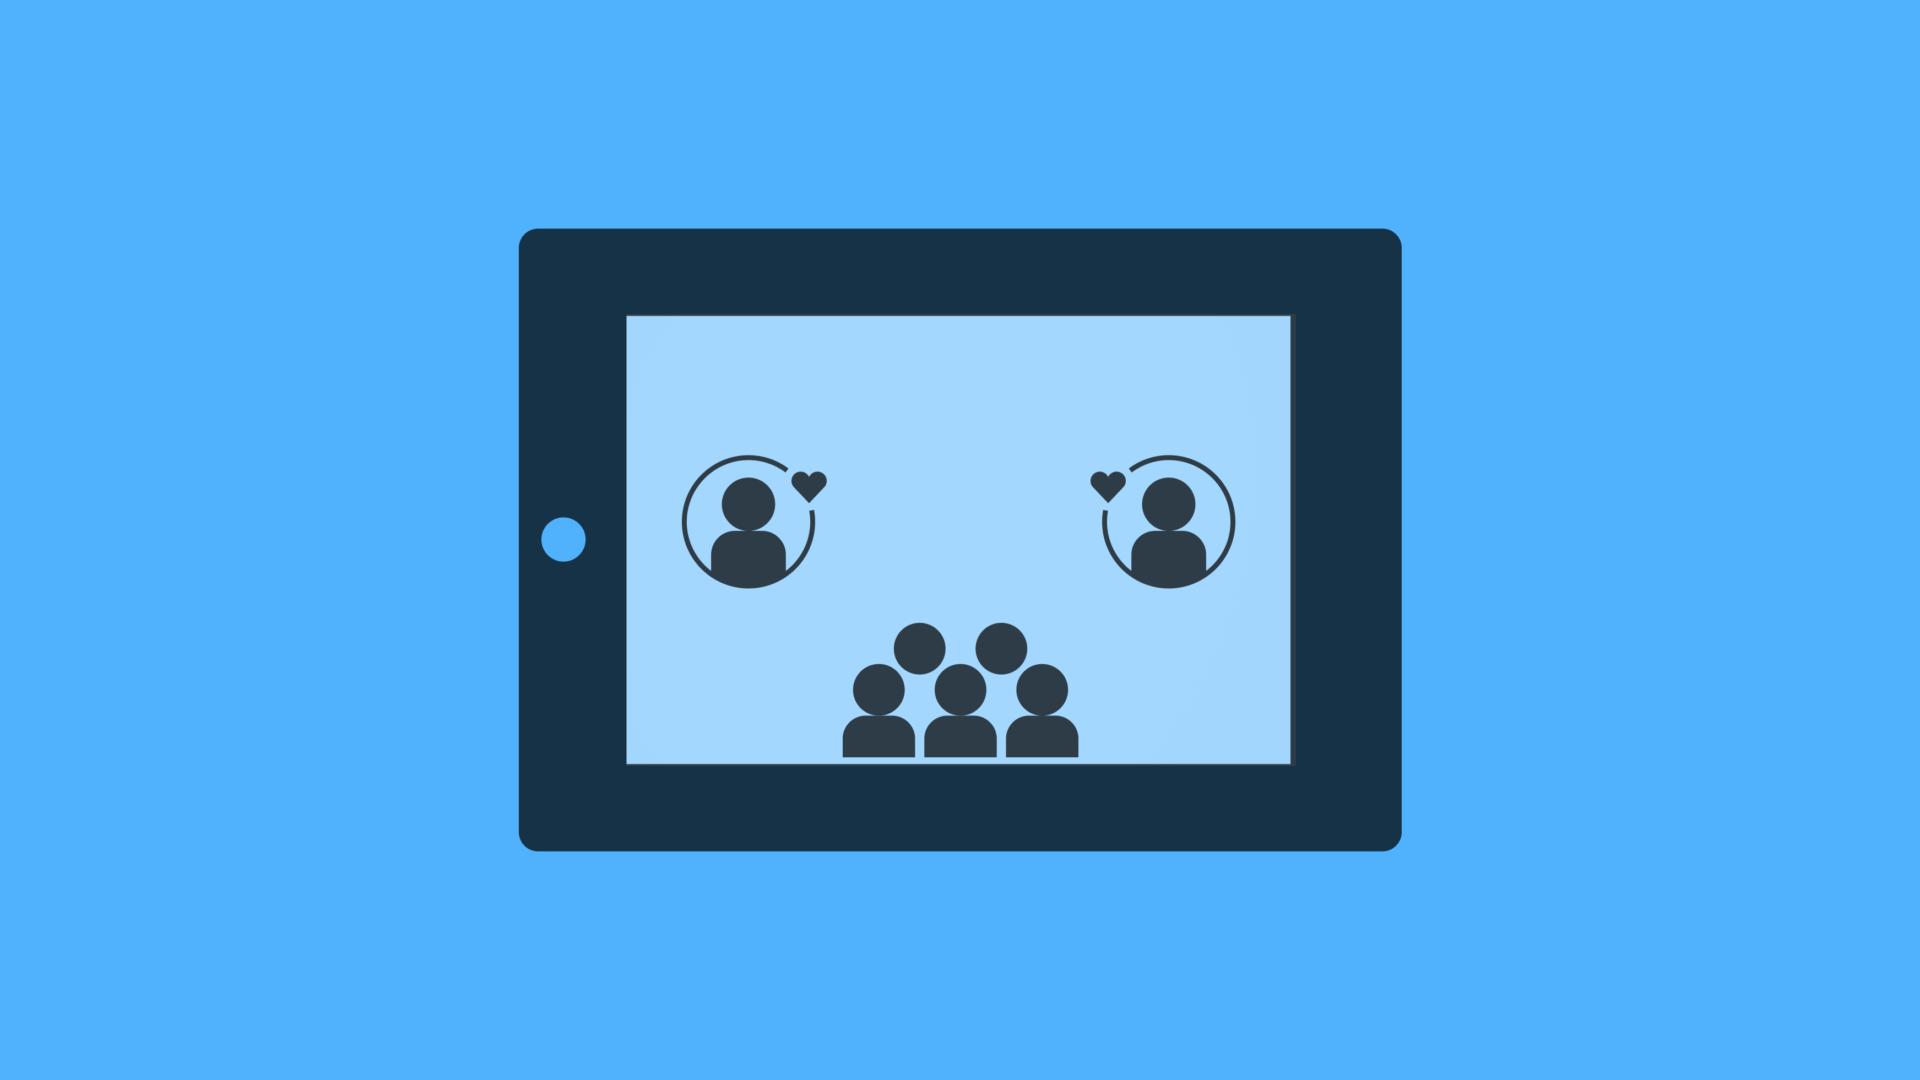 illustration av skärm med symboler av personer som finns i ett digitalt sammanhang